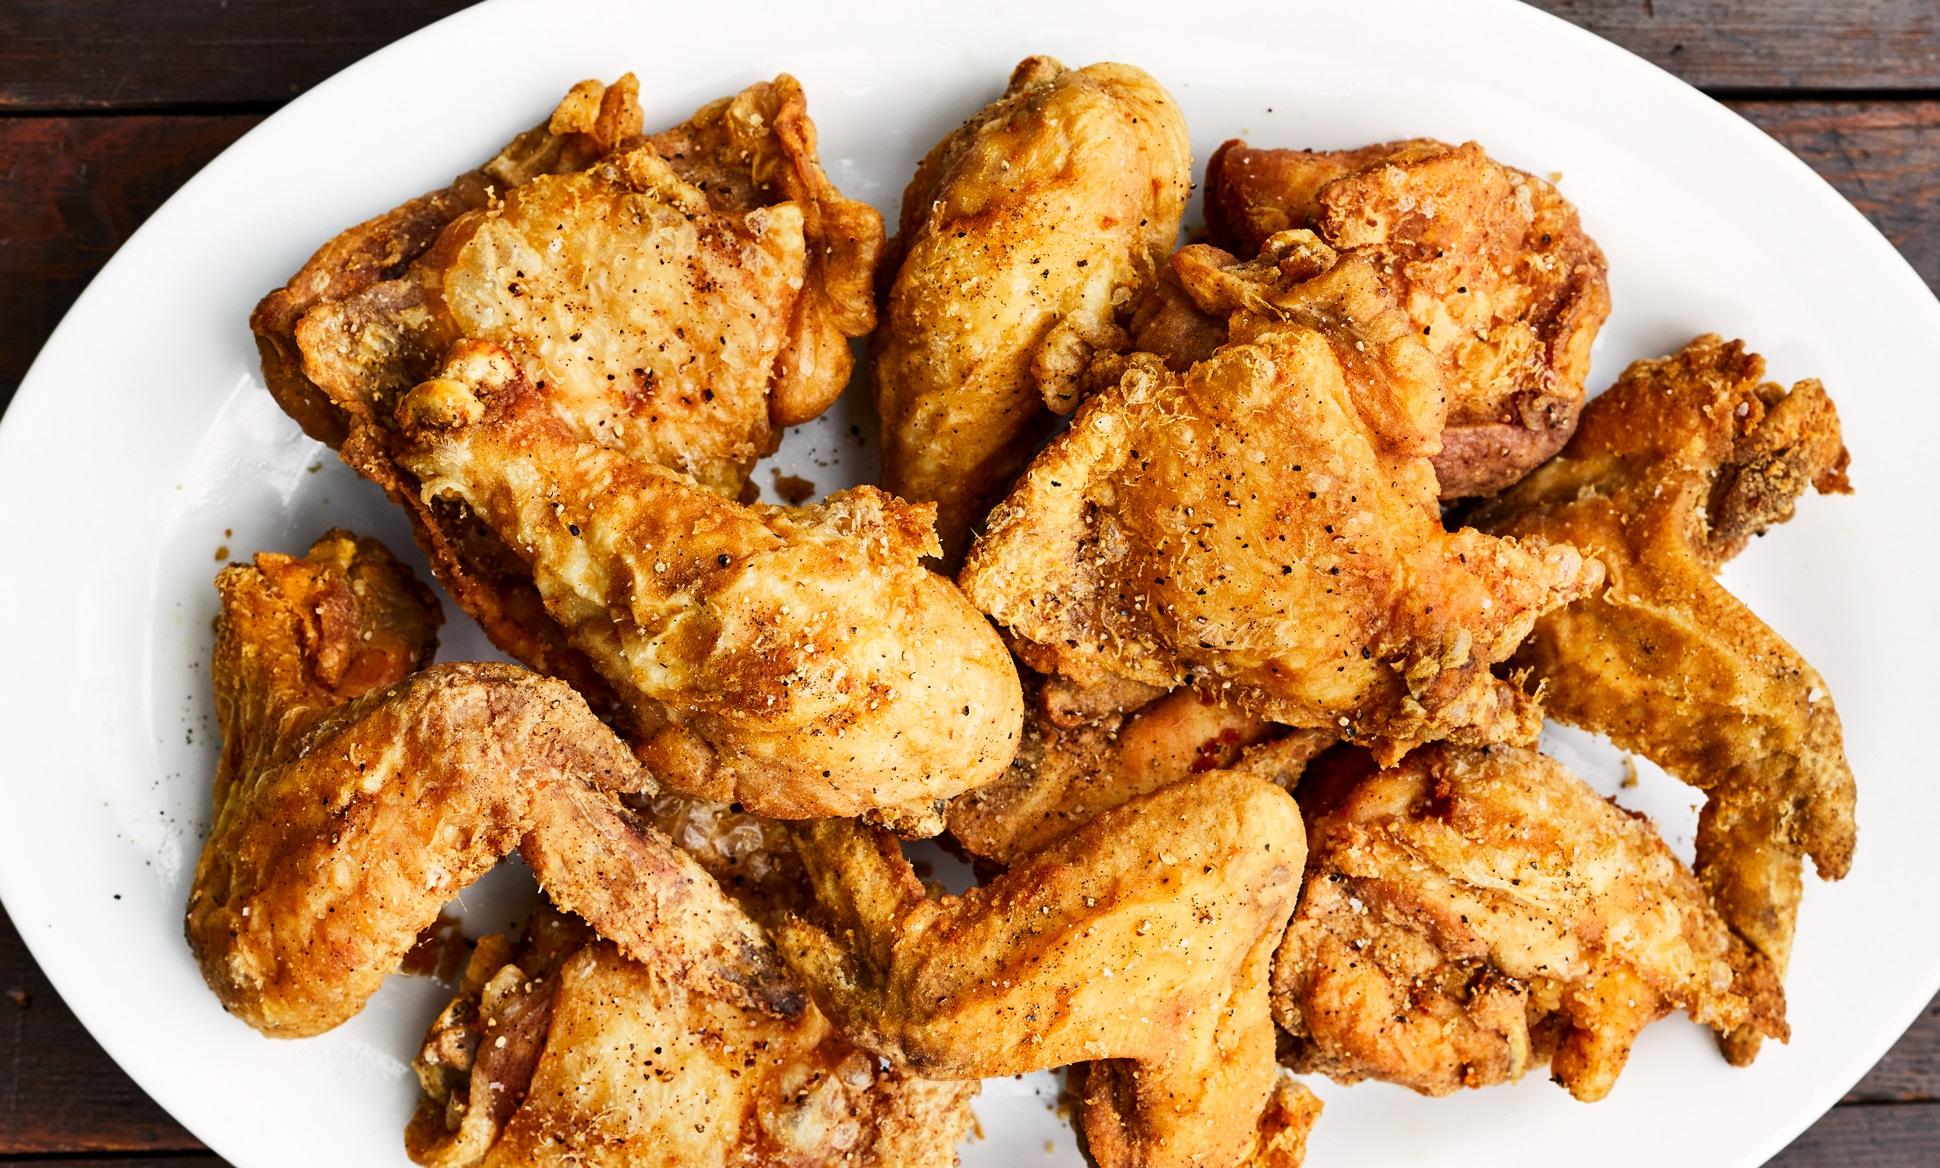 Ăn nhiều gà rán sẽ bị sao